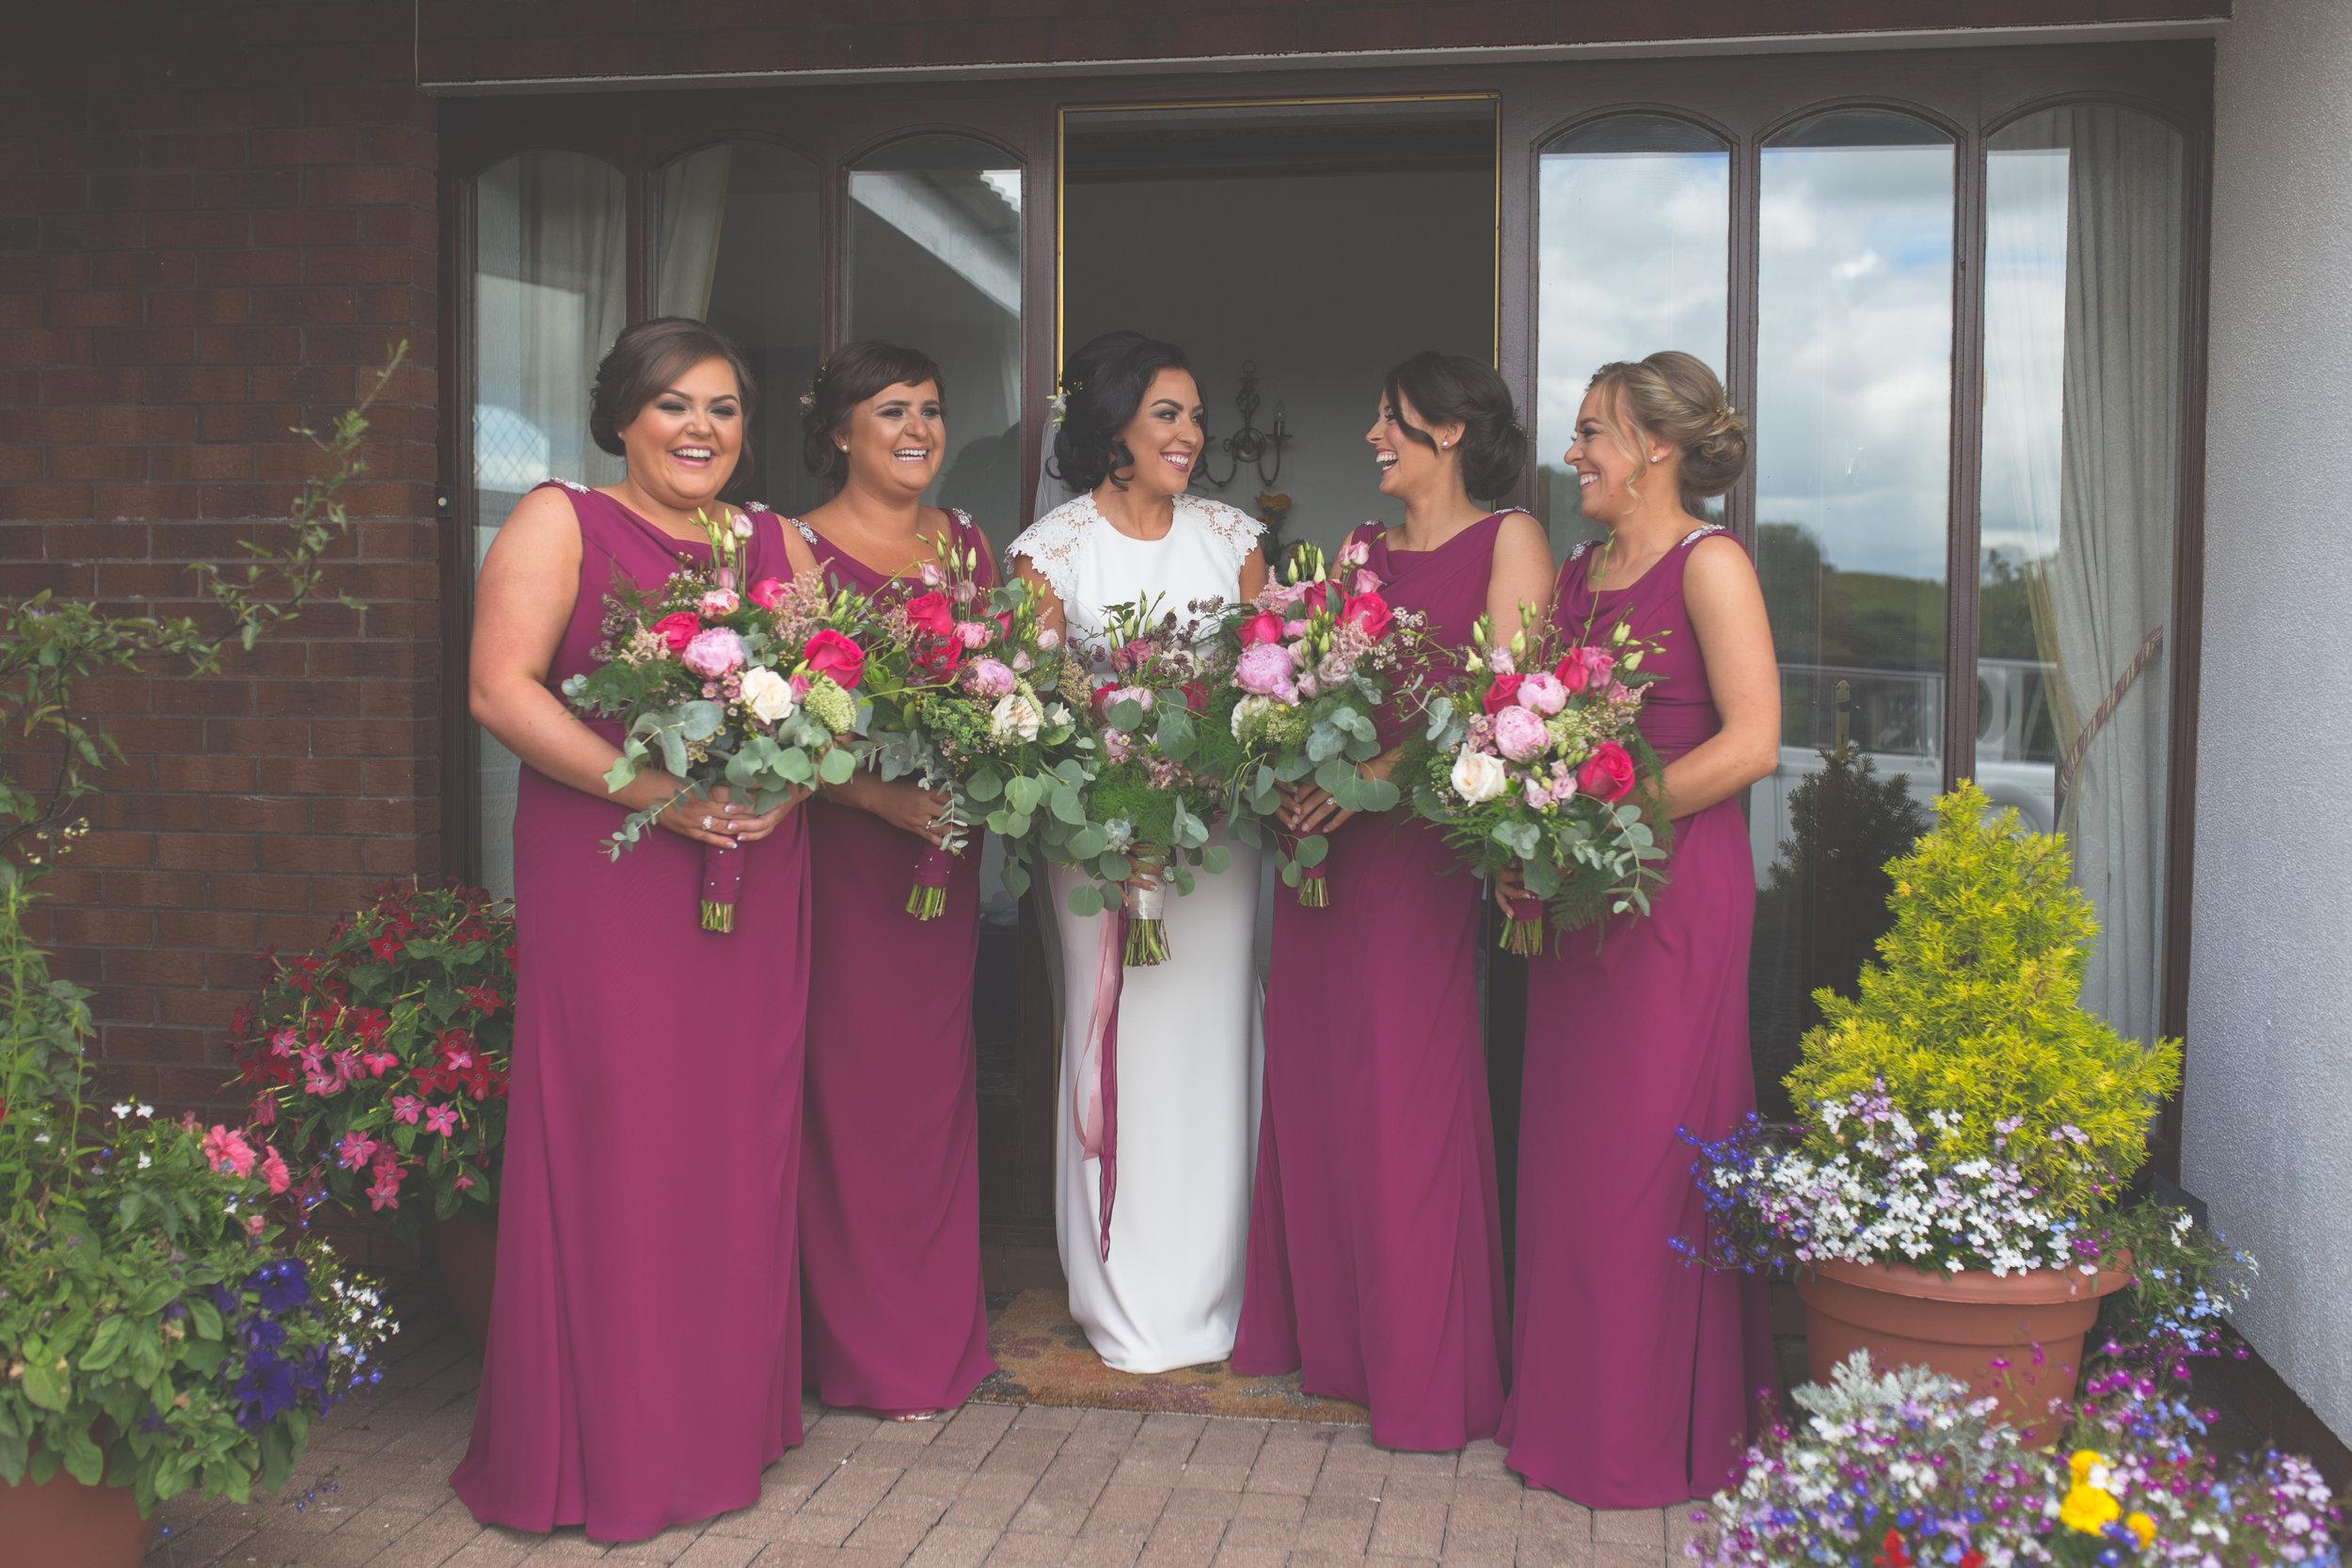 Brian McEwan Wedding Photography | Carol-Anne & Sean | Bridal Preparations-162.jpg